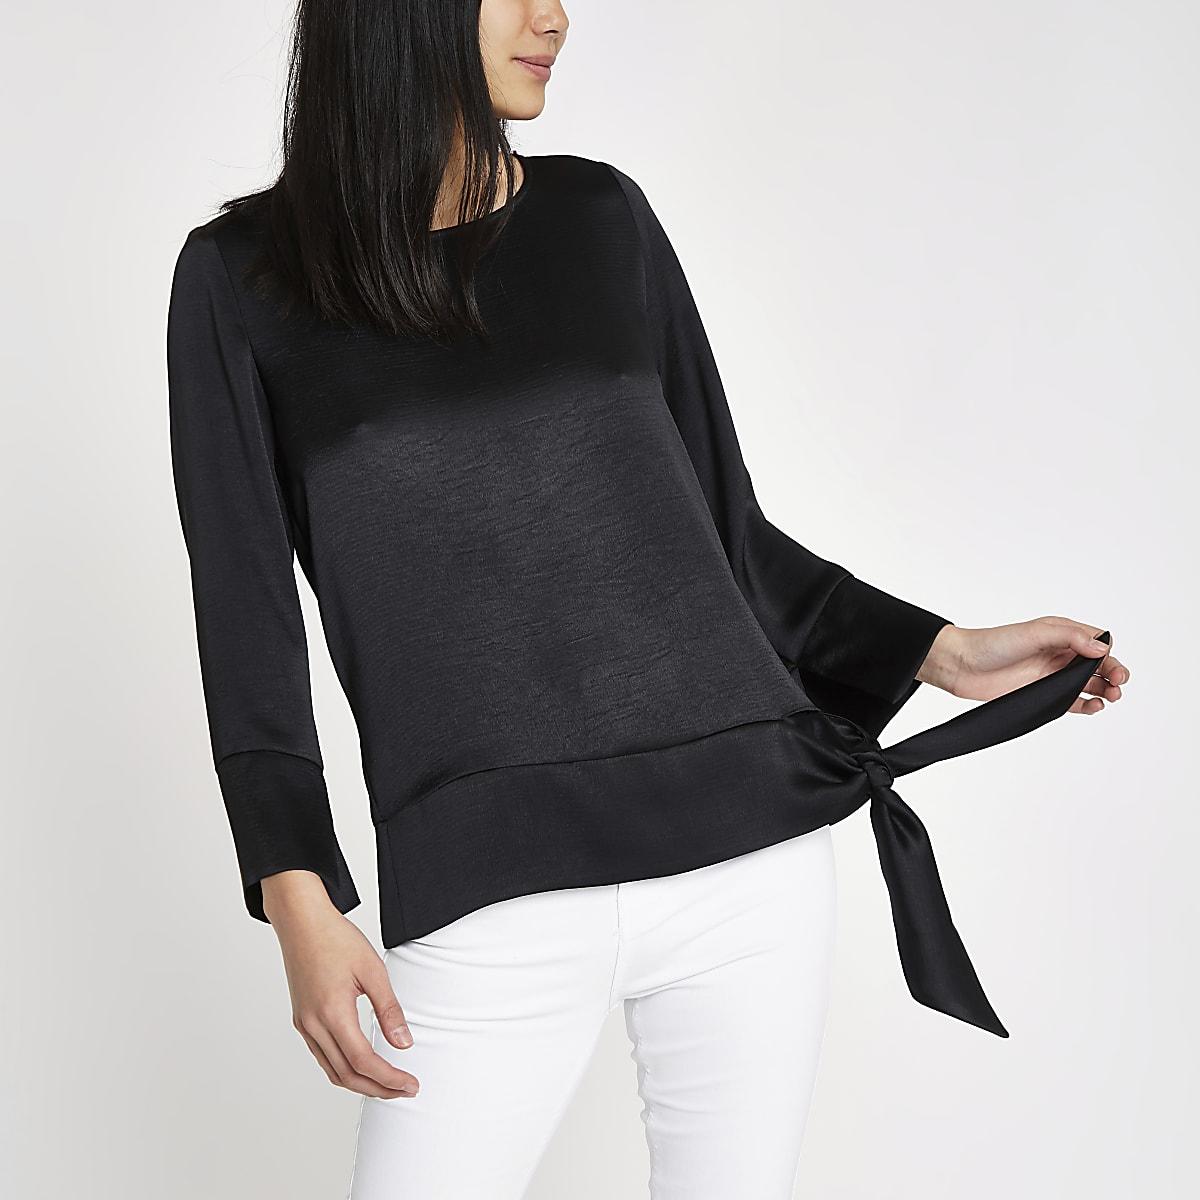 Black long sleeve tie side top